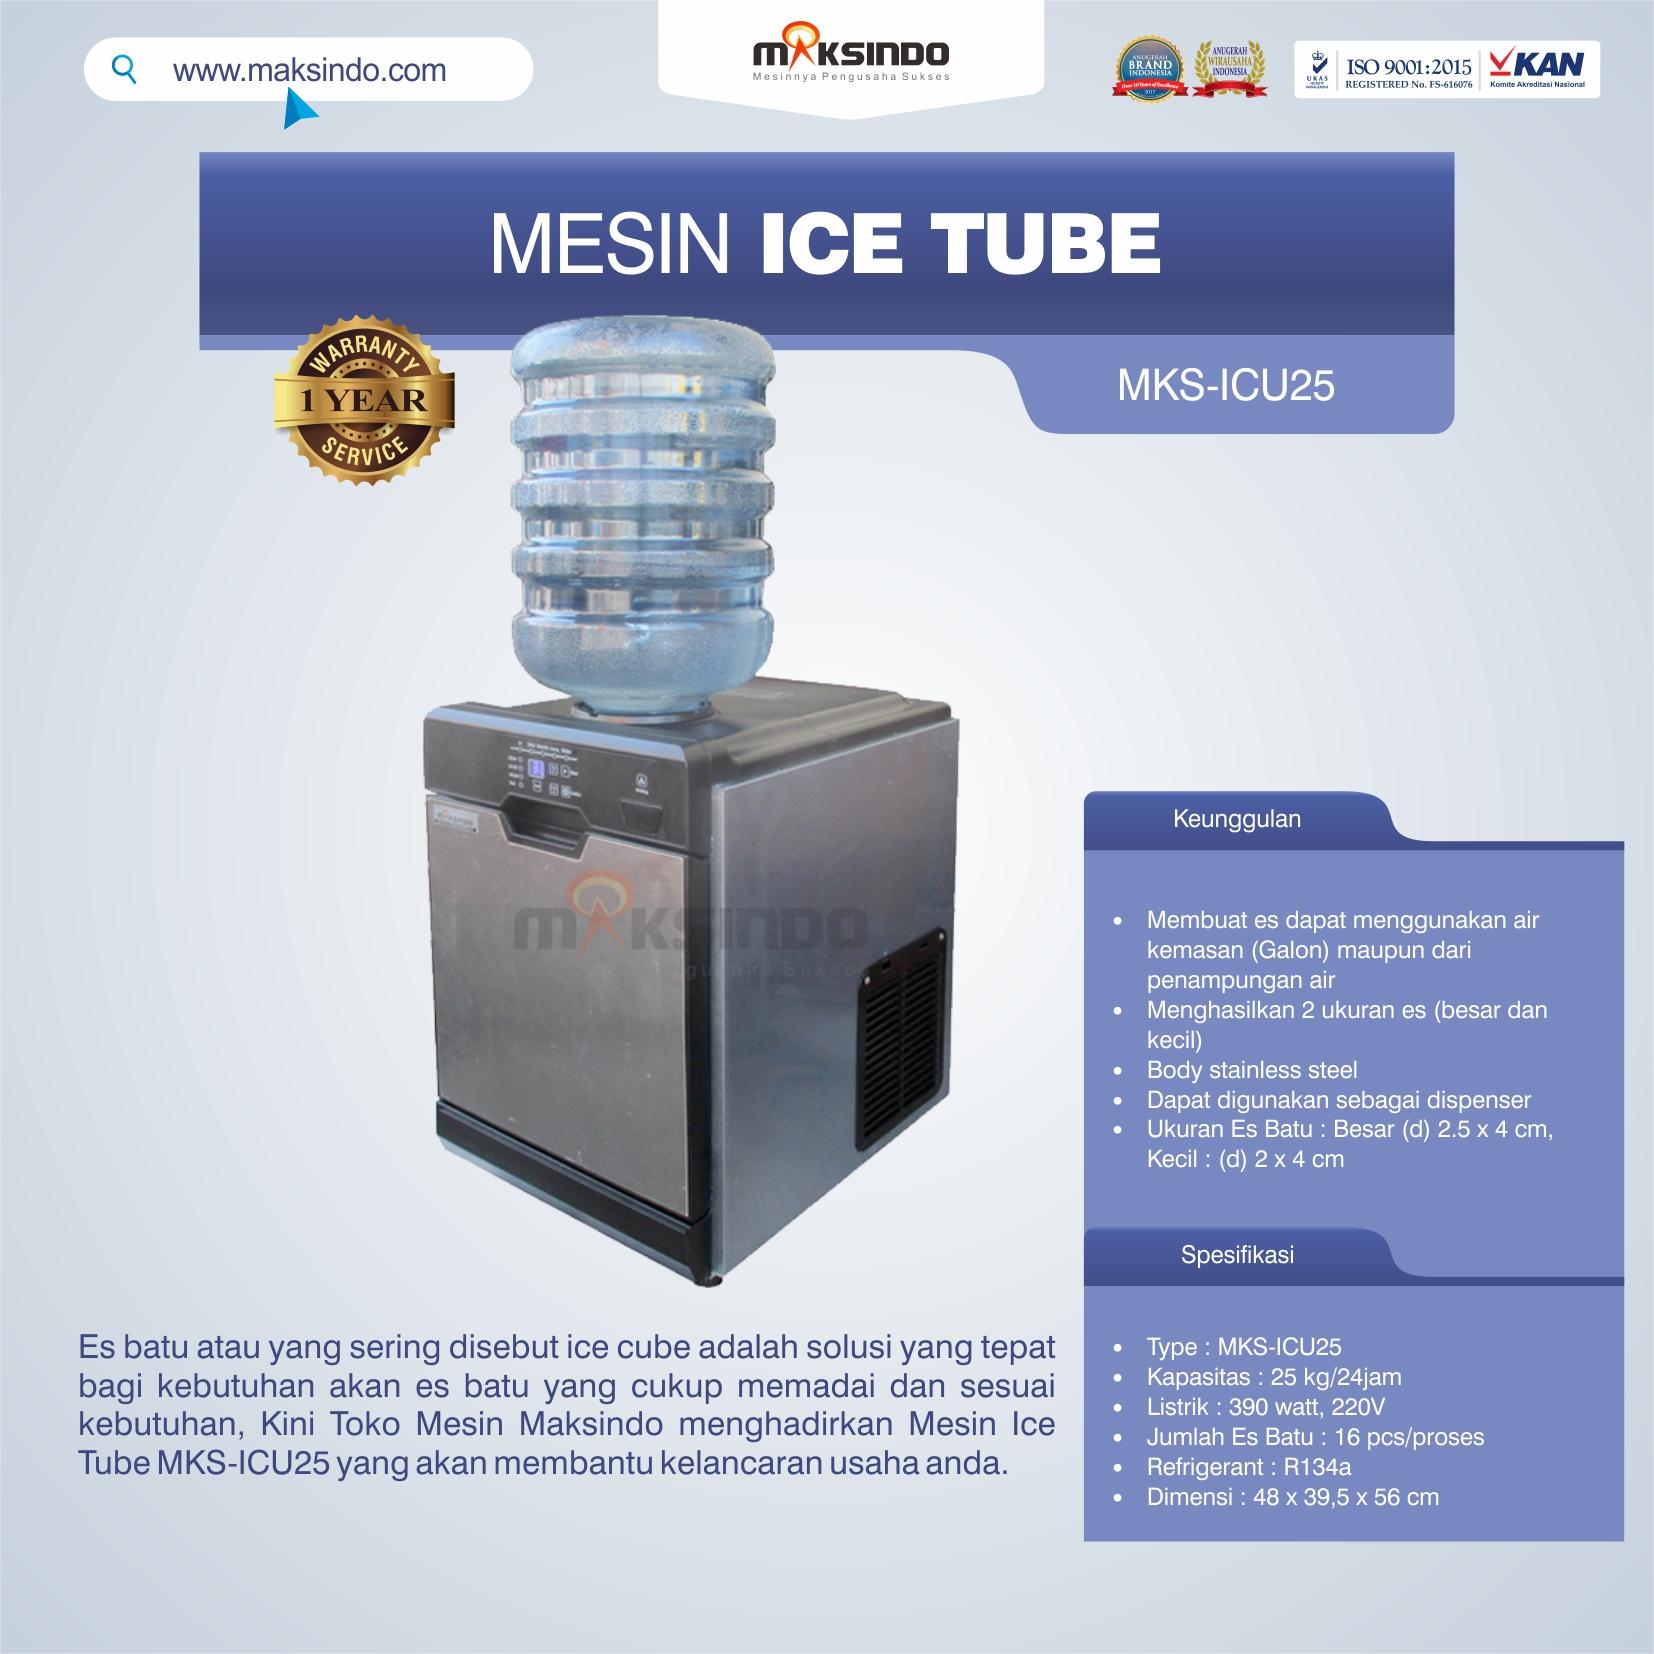 Jual Mesin Ice Tube MKS-ICU25 di Bandung